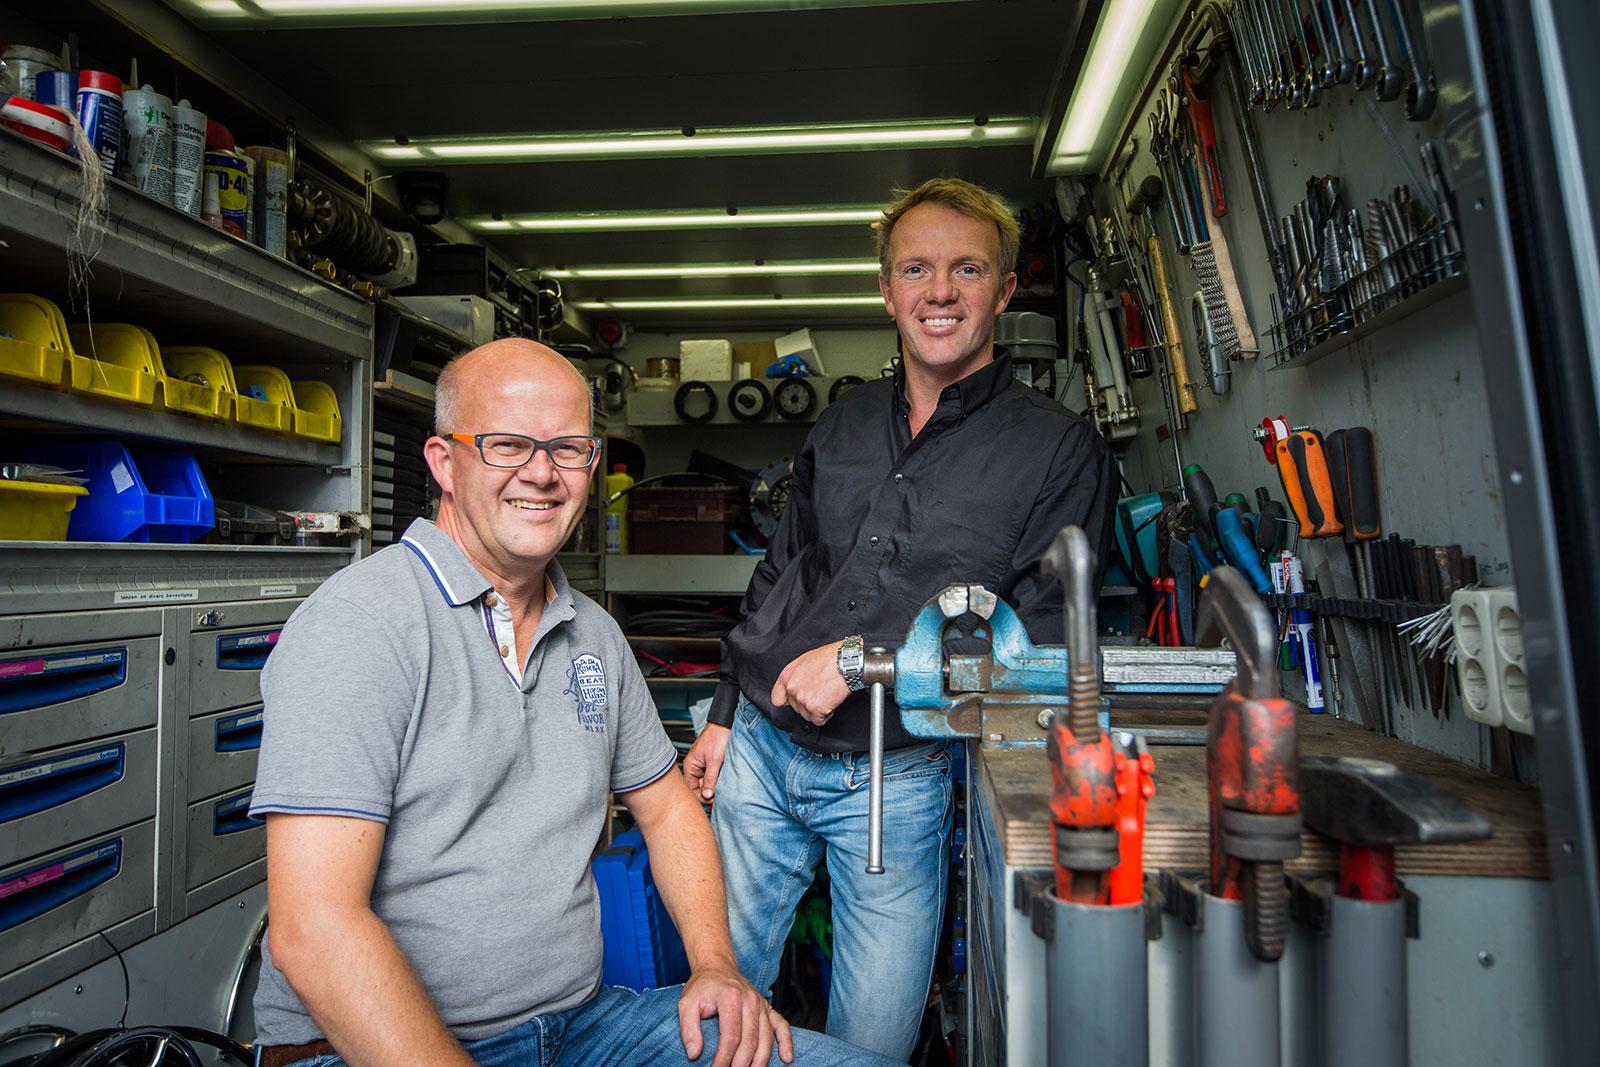 Washnet Danny en Michael Harskamp wasboxen carwash bouw, installatie en onderhoud